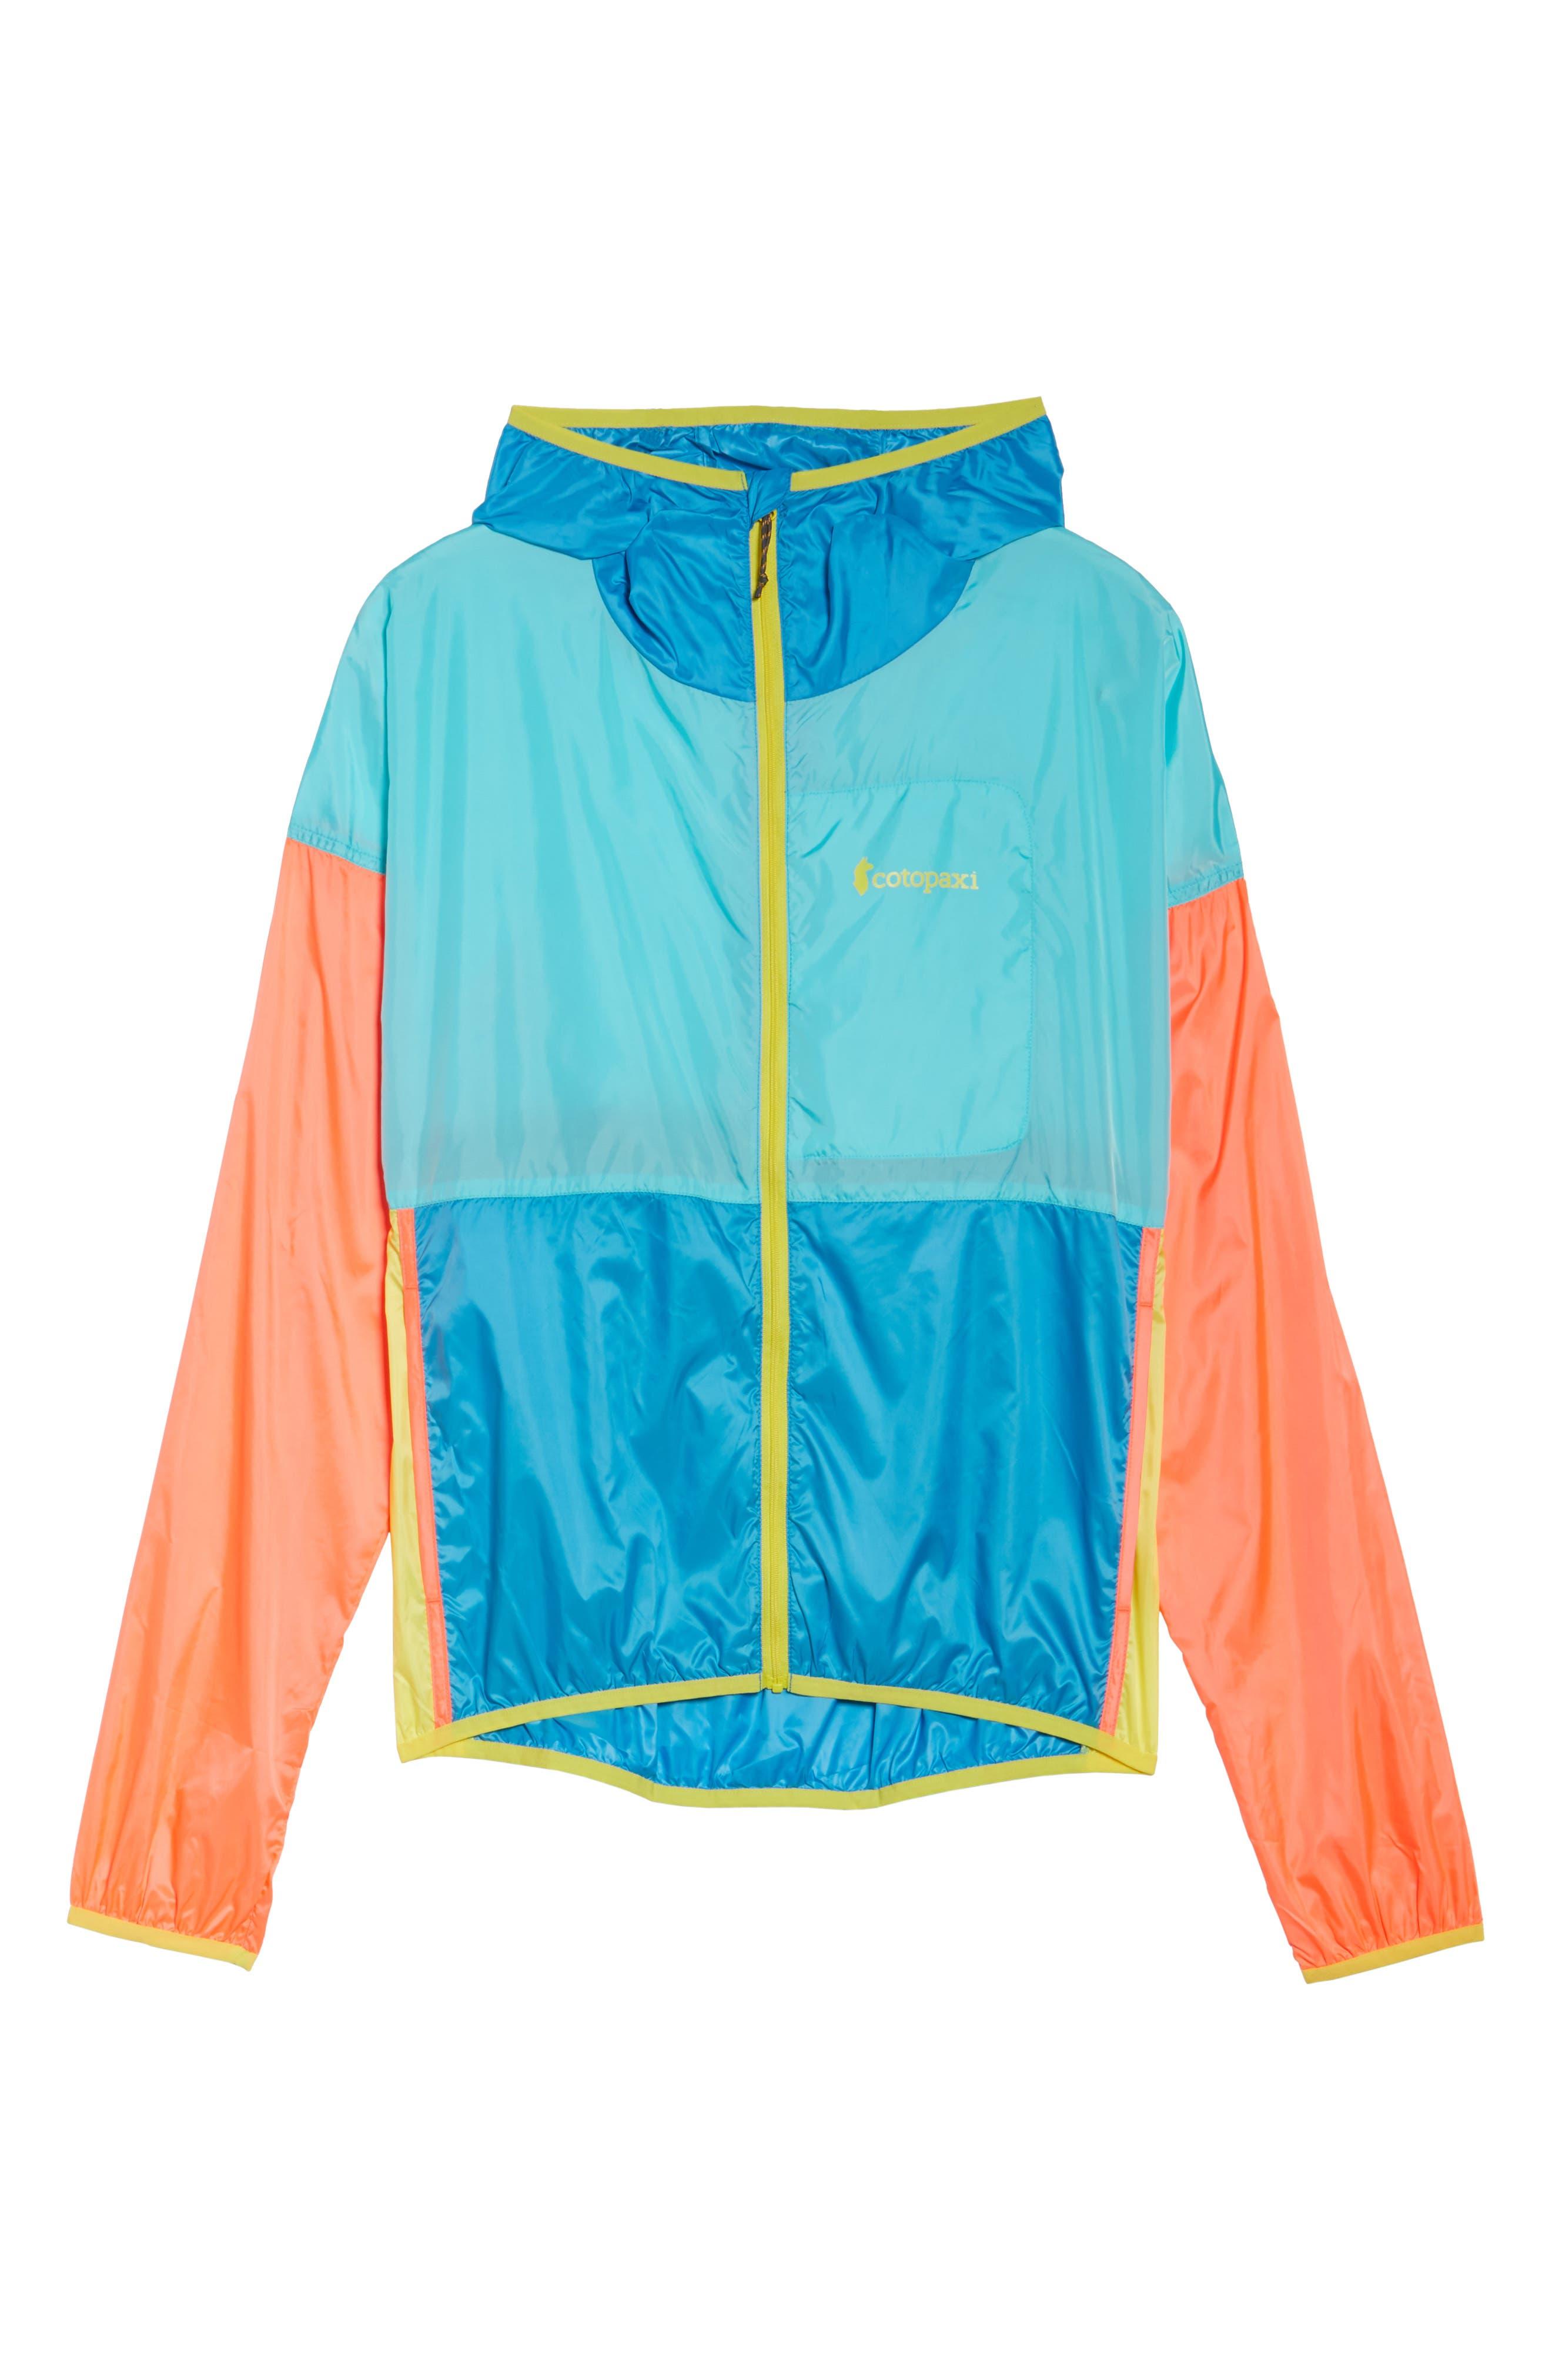 Teca Packable Water Resistant Windbreaker Jacket,                             Alternate thumbnail 28, color,